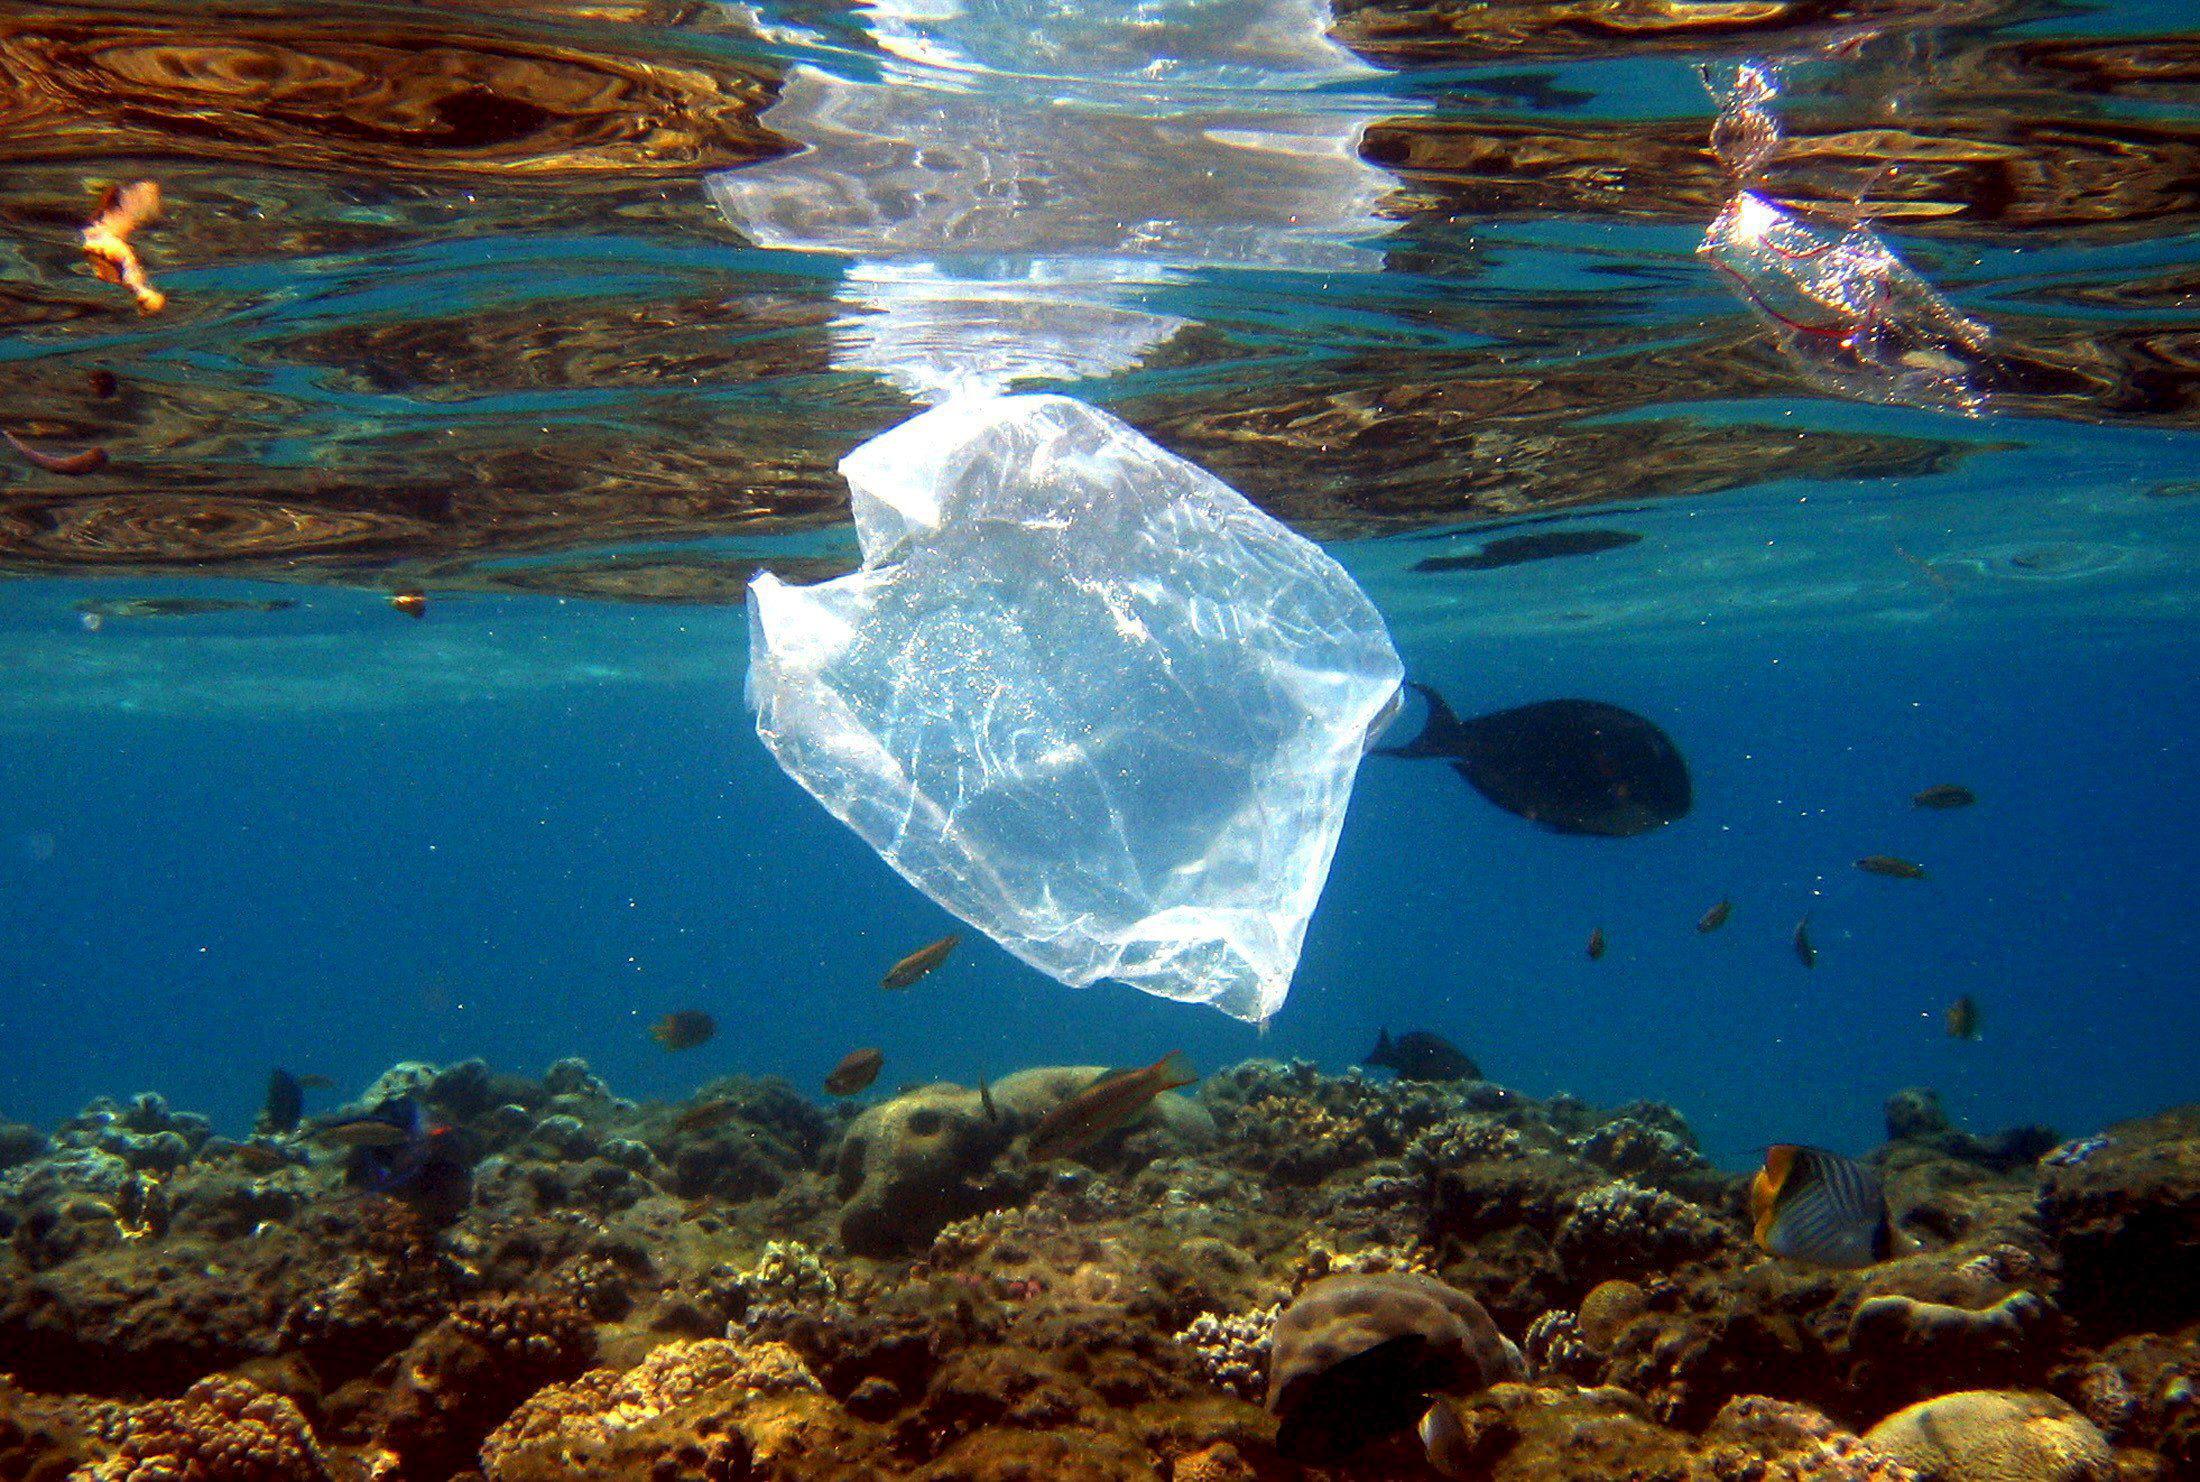 Пластиковые пакеты — самый распространенный вид мусора в океане.    Проблема в плохой экологиче